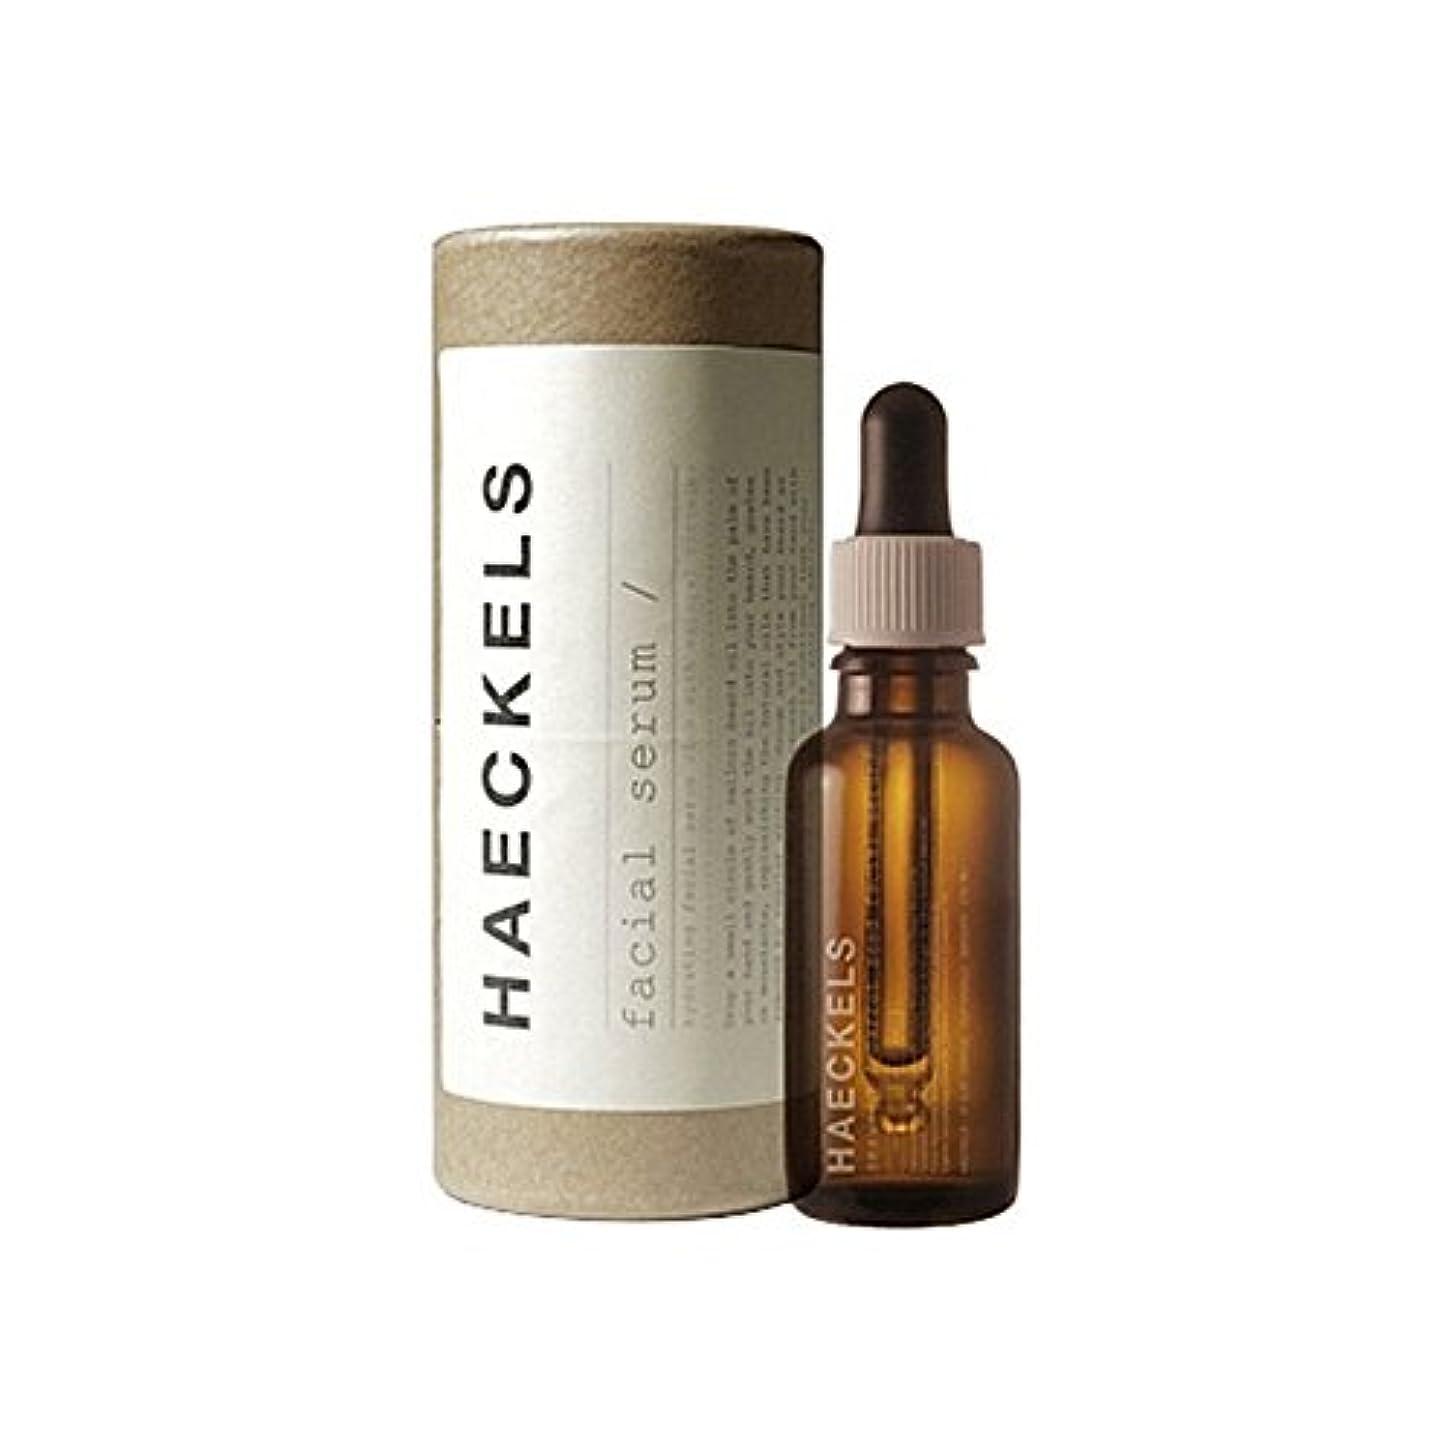 請求トレイ明確なHaeckels Seaweed And Carrot Seed Face Serum 30Ml (Pack of 6) - 海藻やニンジン種子顔セラム30を x6 [並行輸入品]